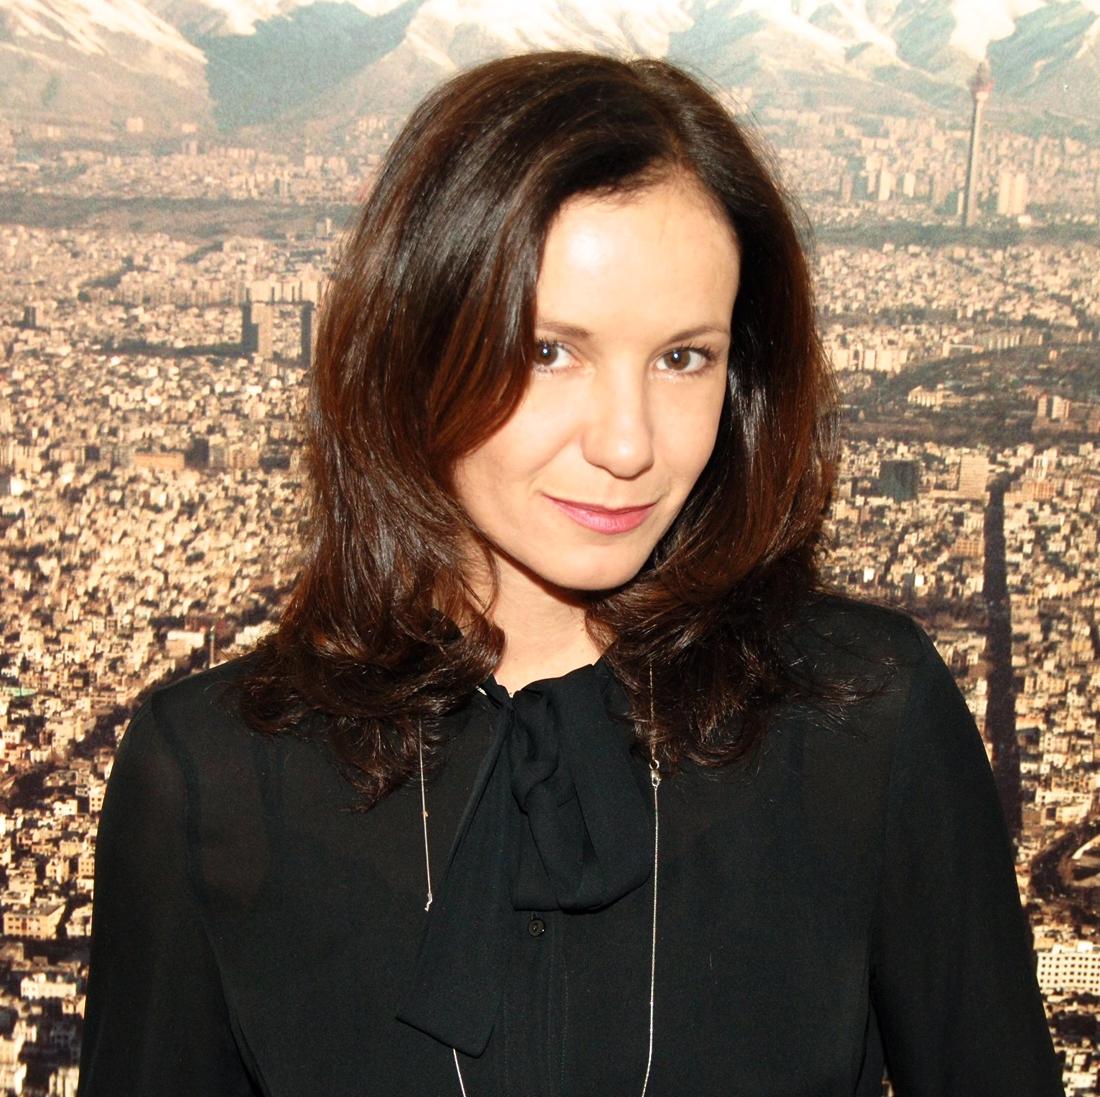 Eva Munz